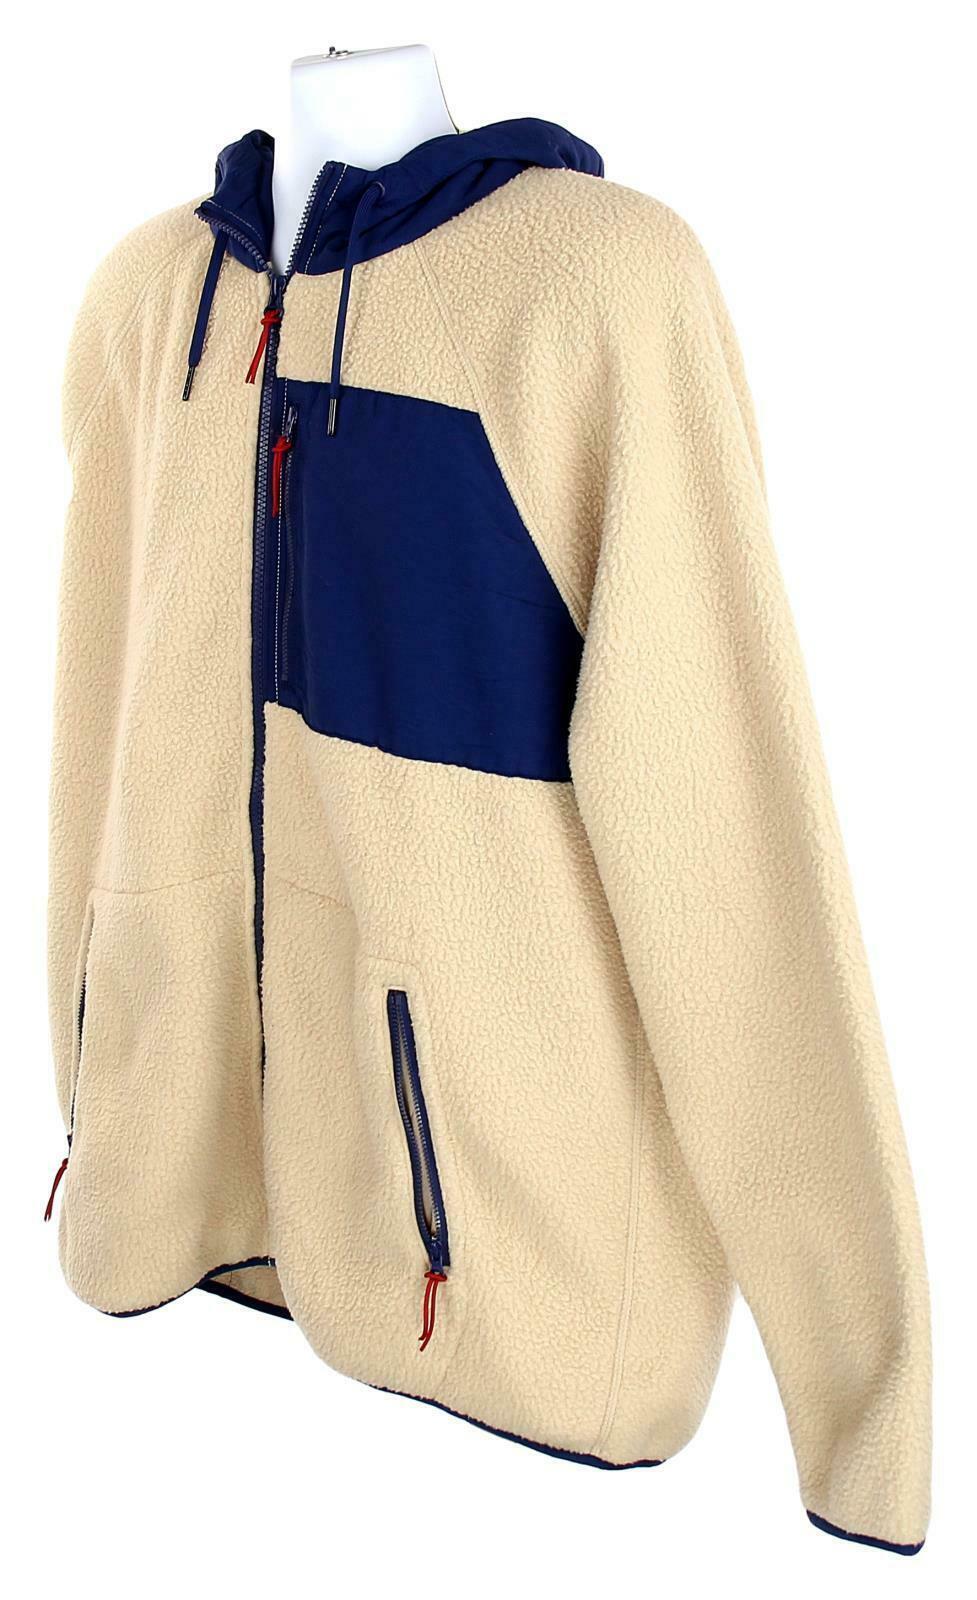 J Crew Mens Sherpa Zip Front Hooded Jacket Fleece Coat XL Navy Cream K4296 image 4